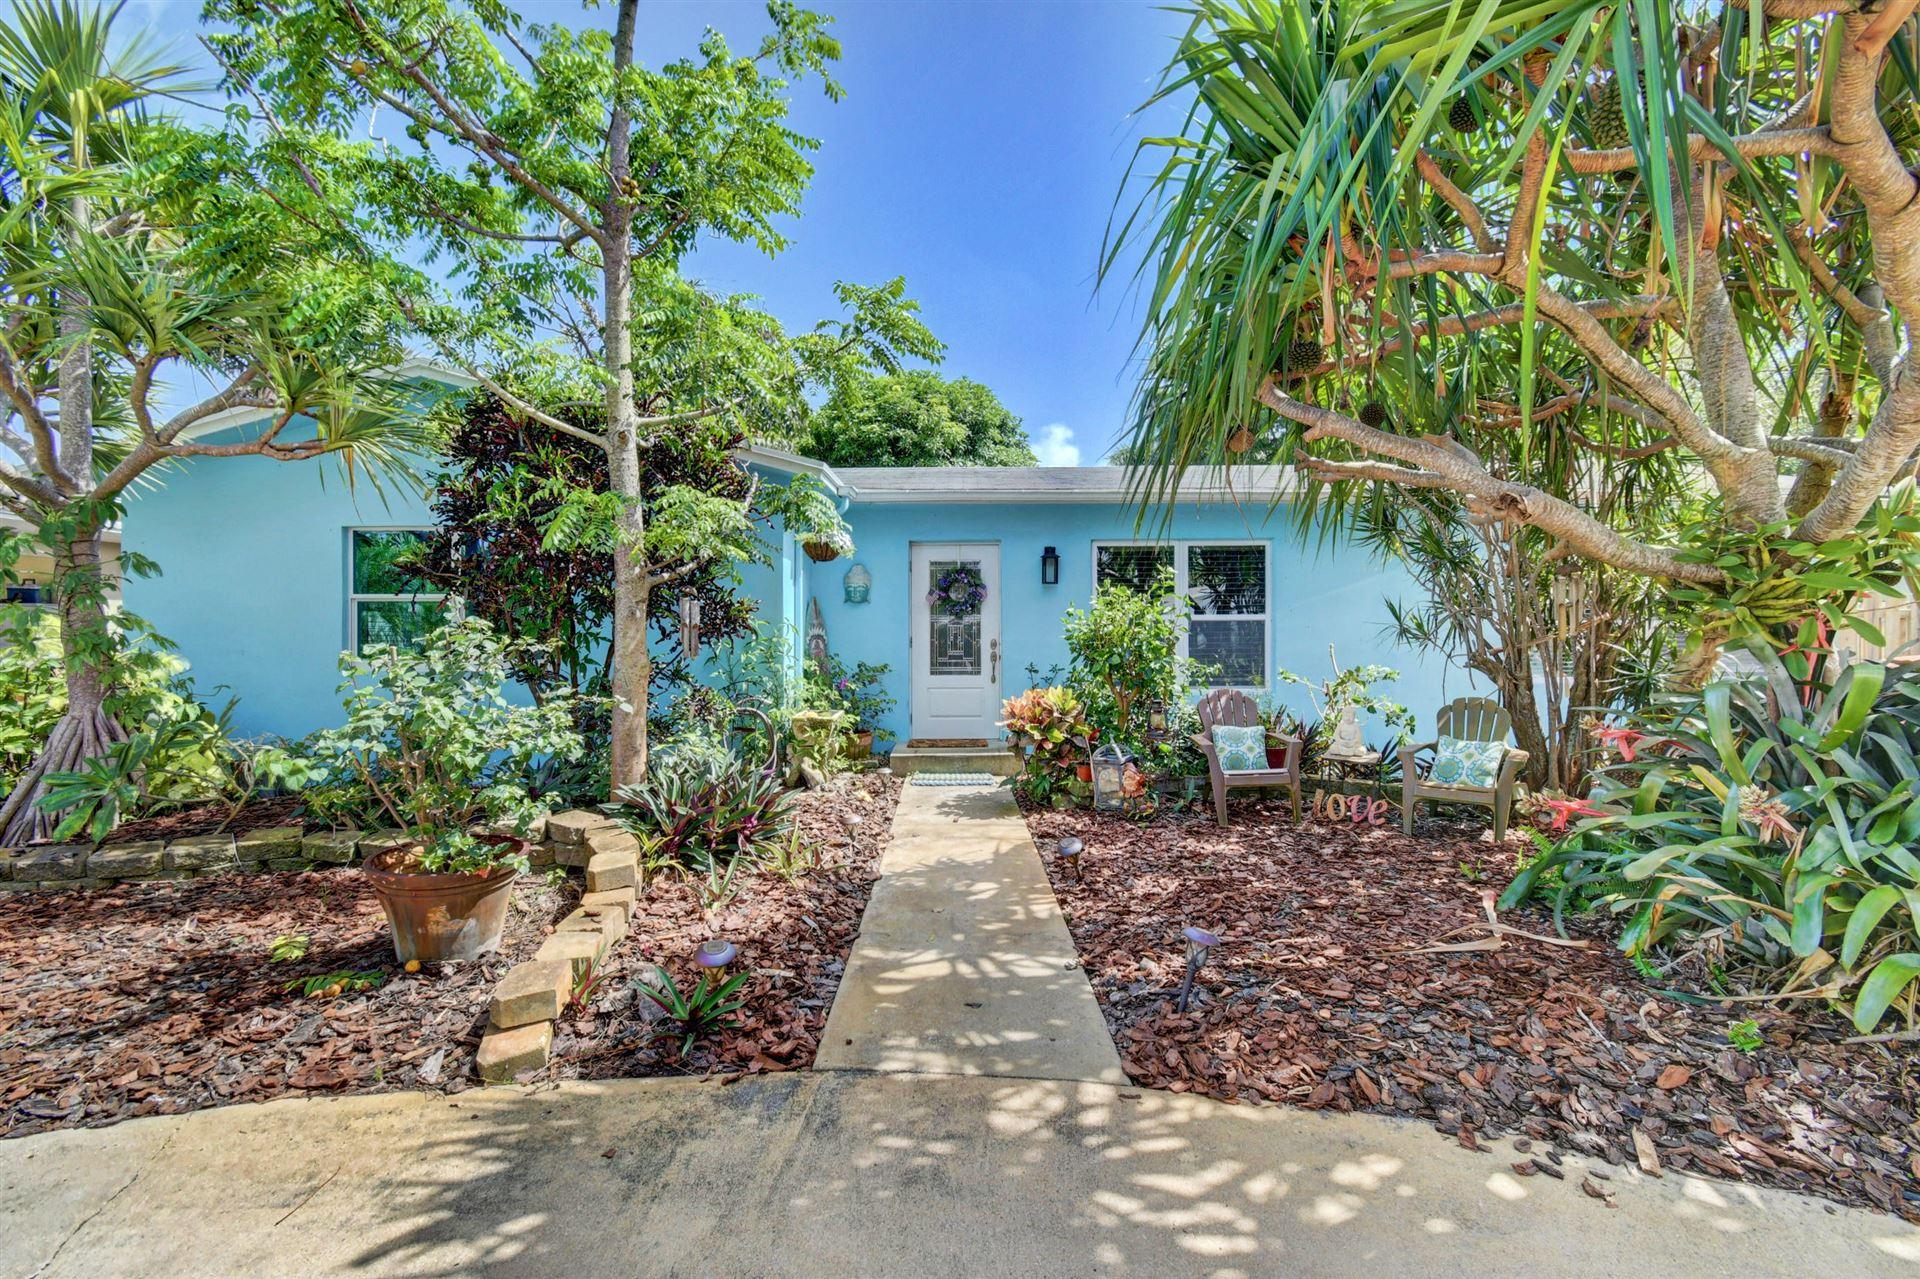 1235 16th Avenue N, Lake Worth, FL 33460 - #: RX-10641711